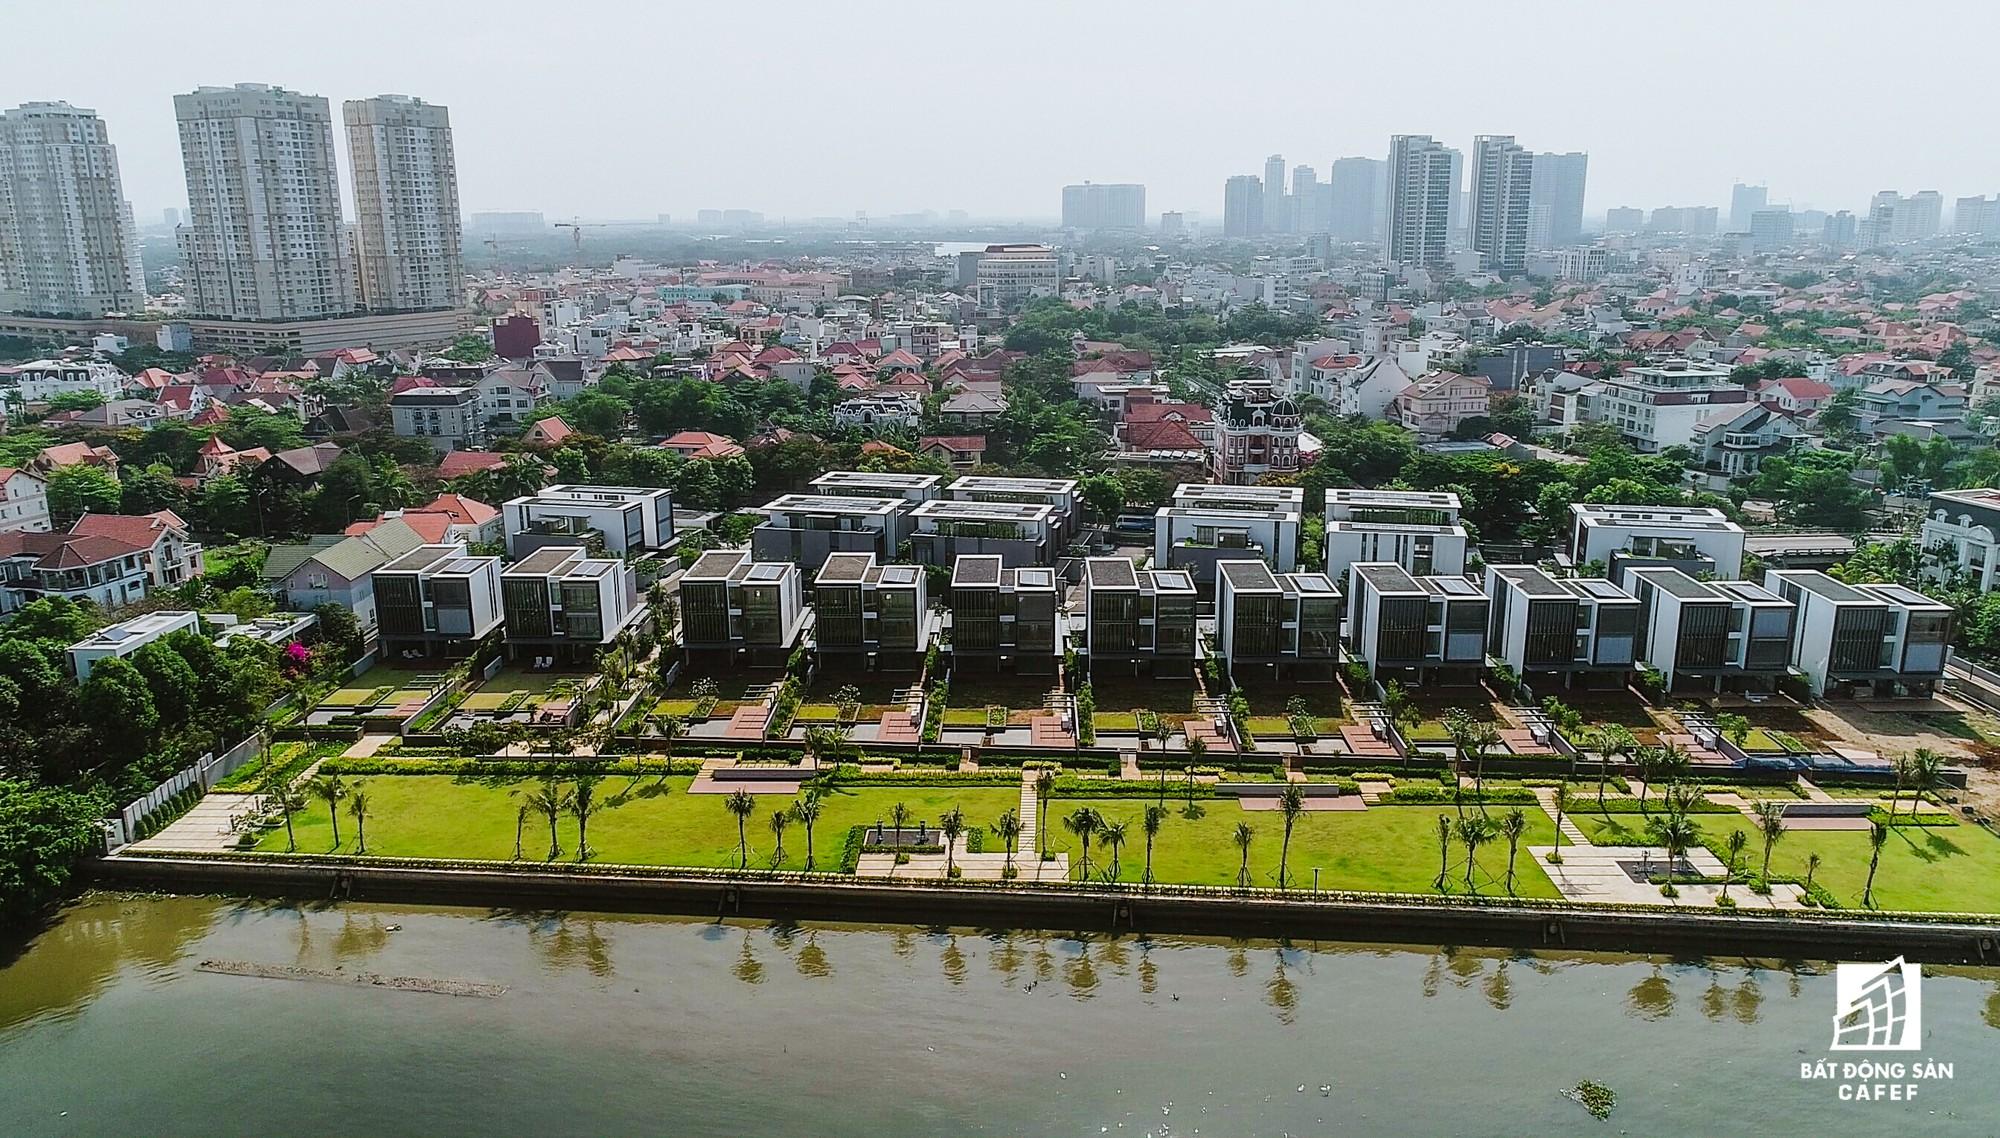 Nhà giàu cũng khóc trong những khu biệt thự sang chảnh bậc nhất Sài Gòn-9